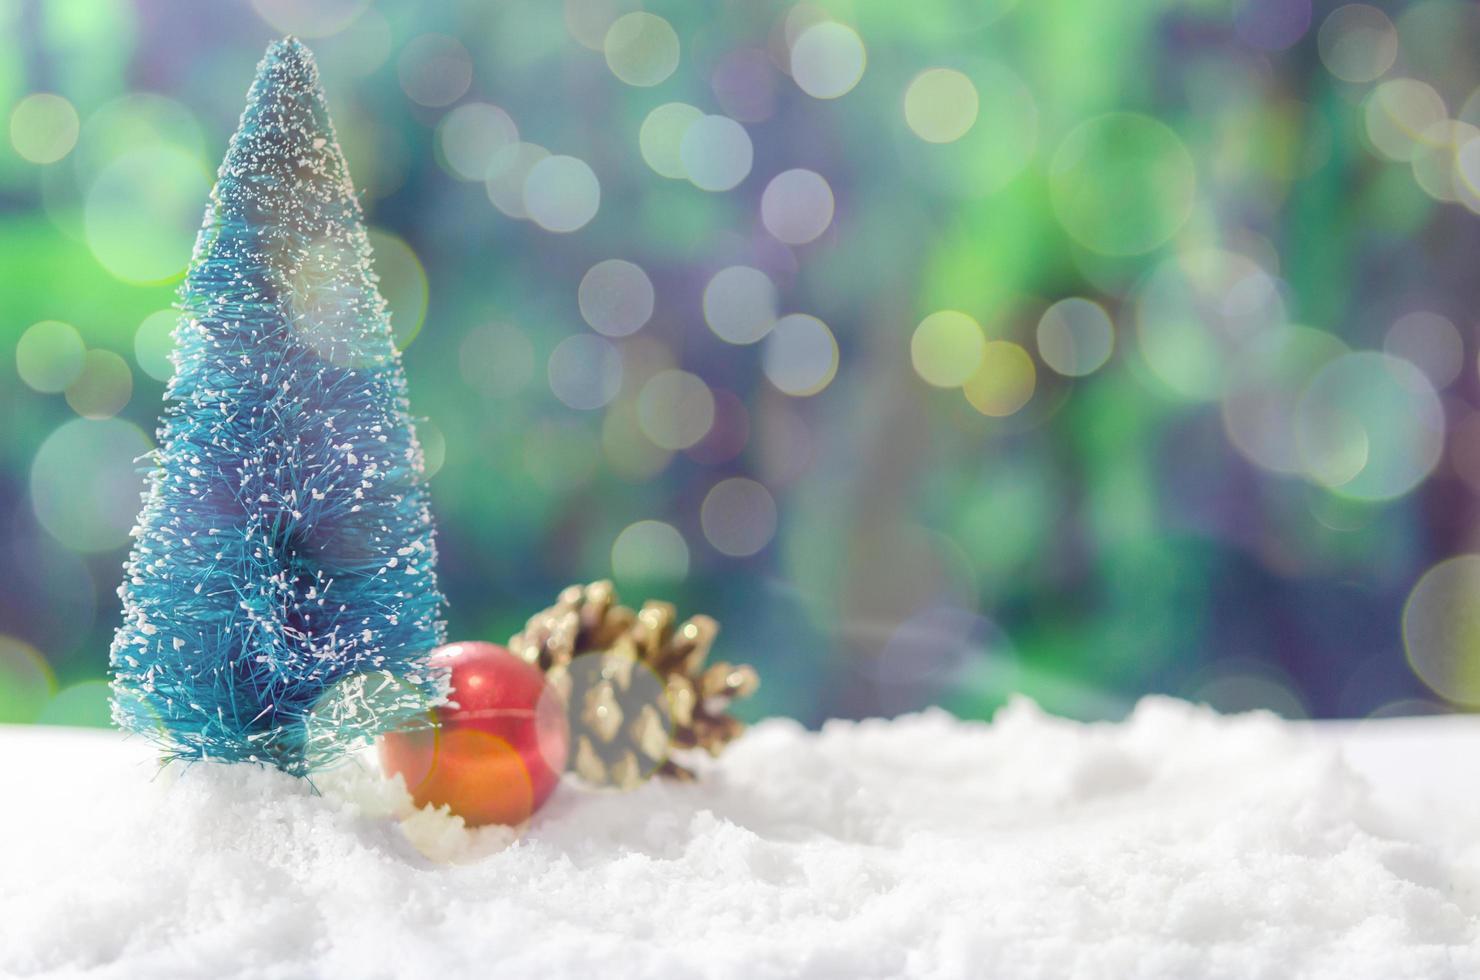 árvores de natal em miniatura e decorações na neve foto